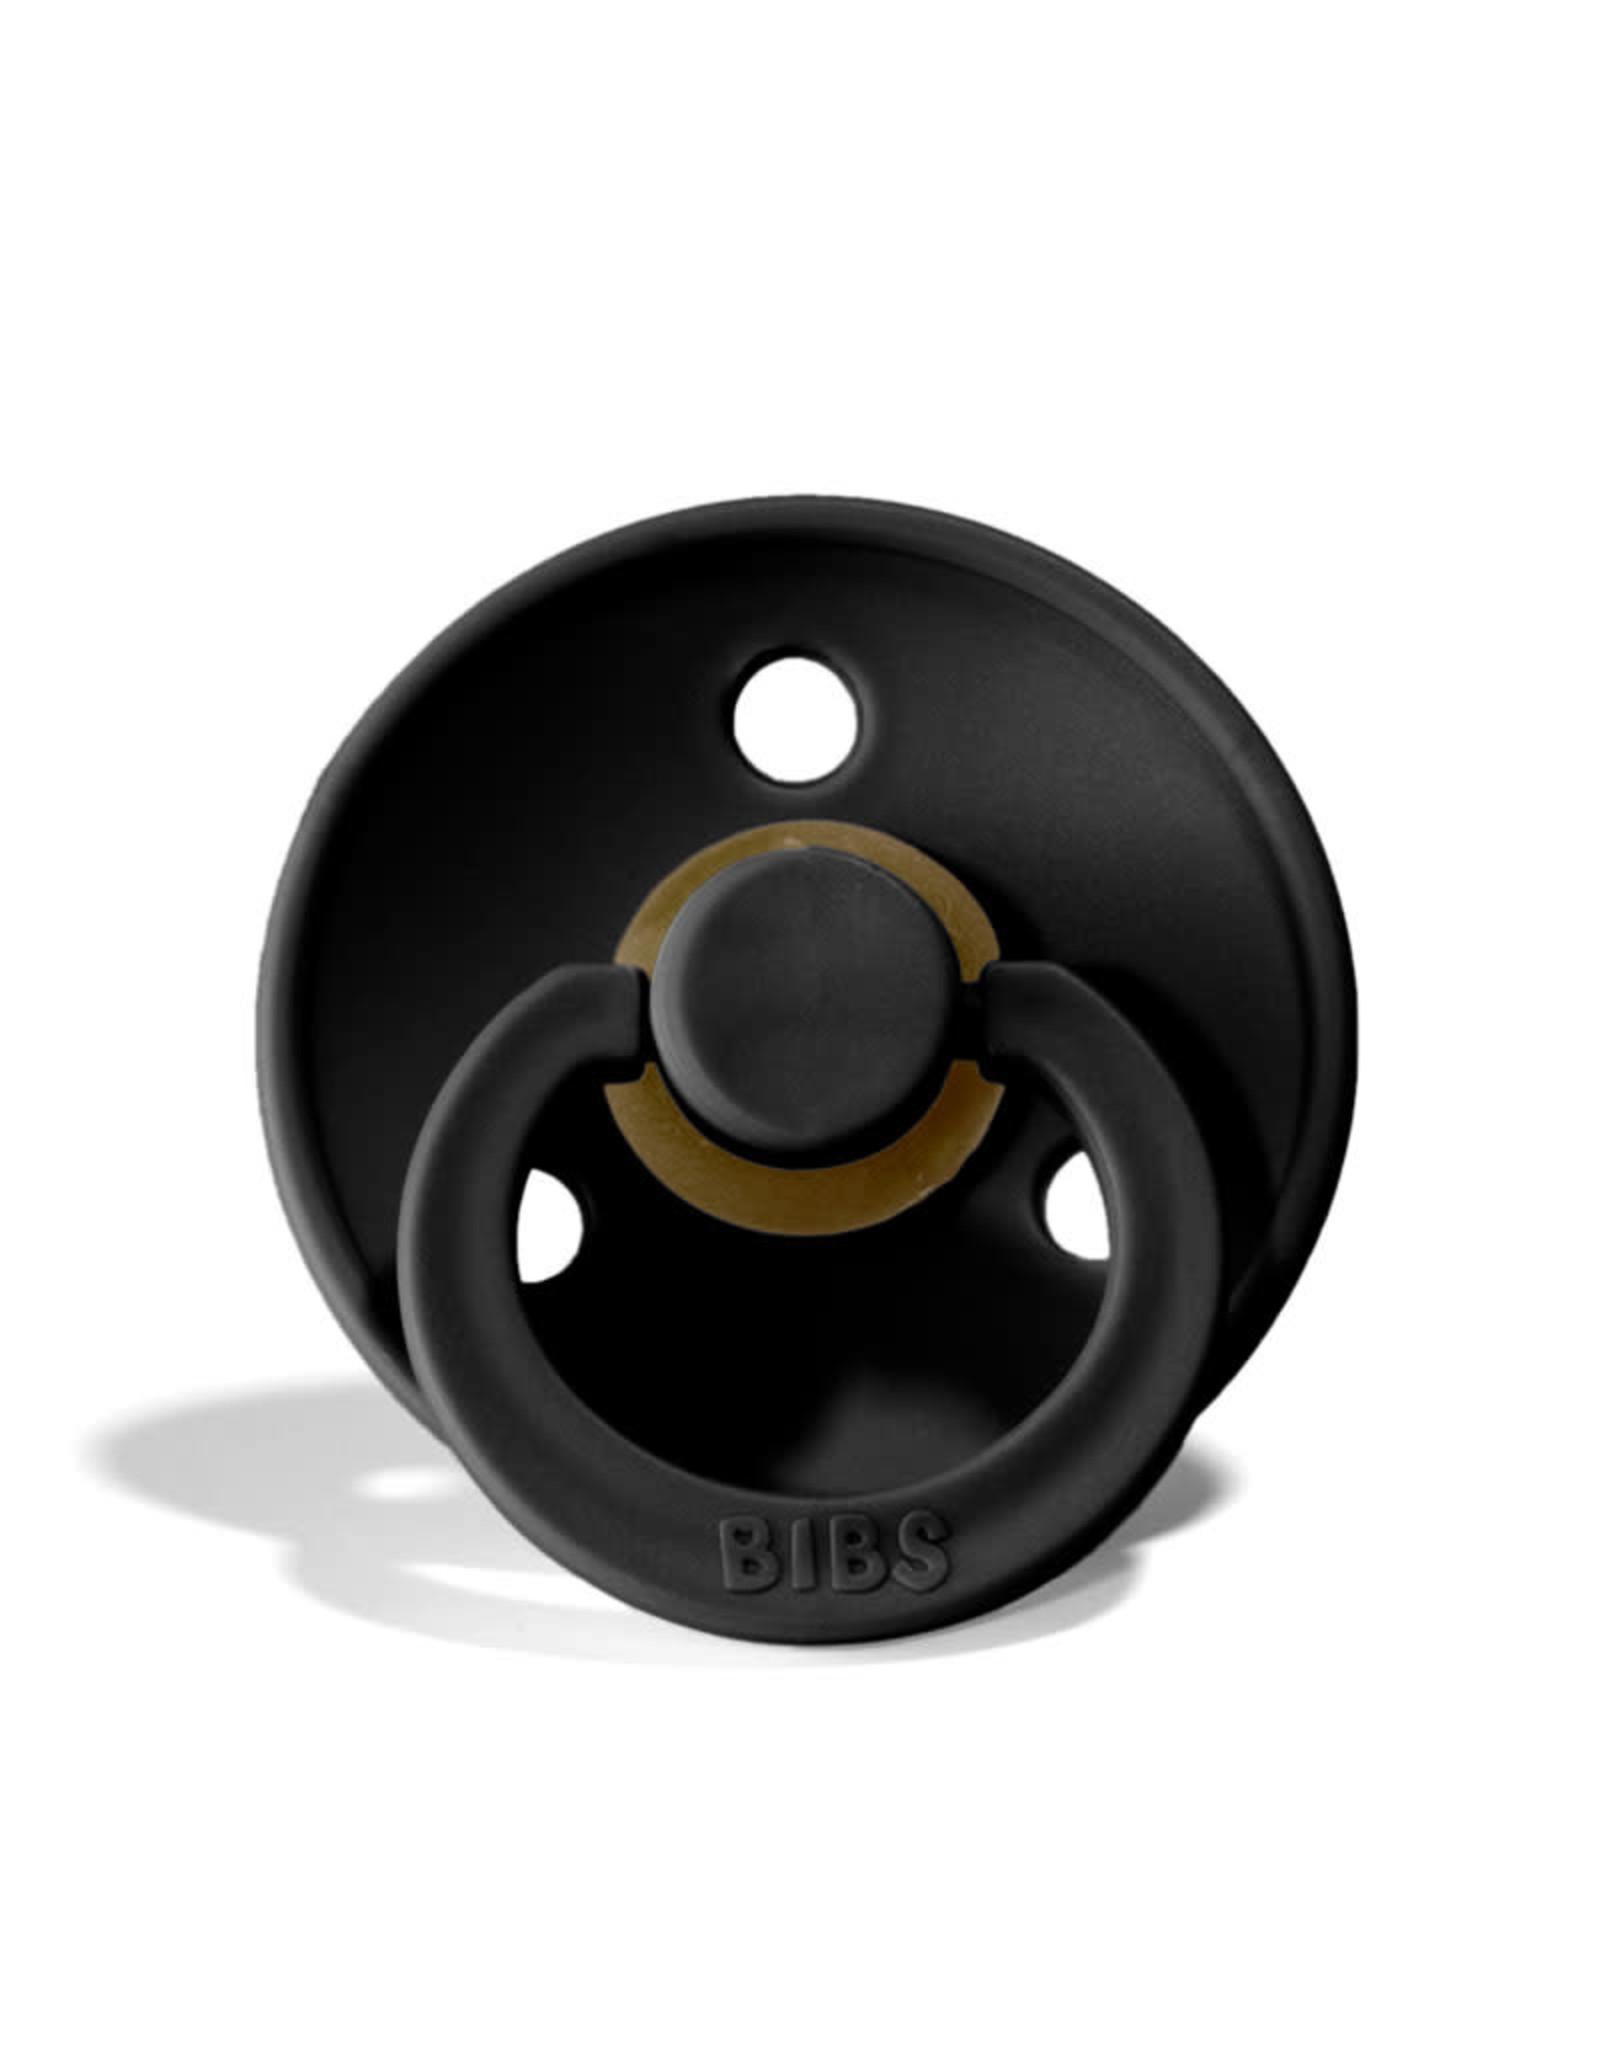 Bibs Fopspeen Black maat 1